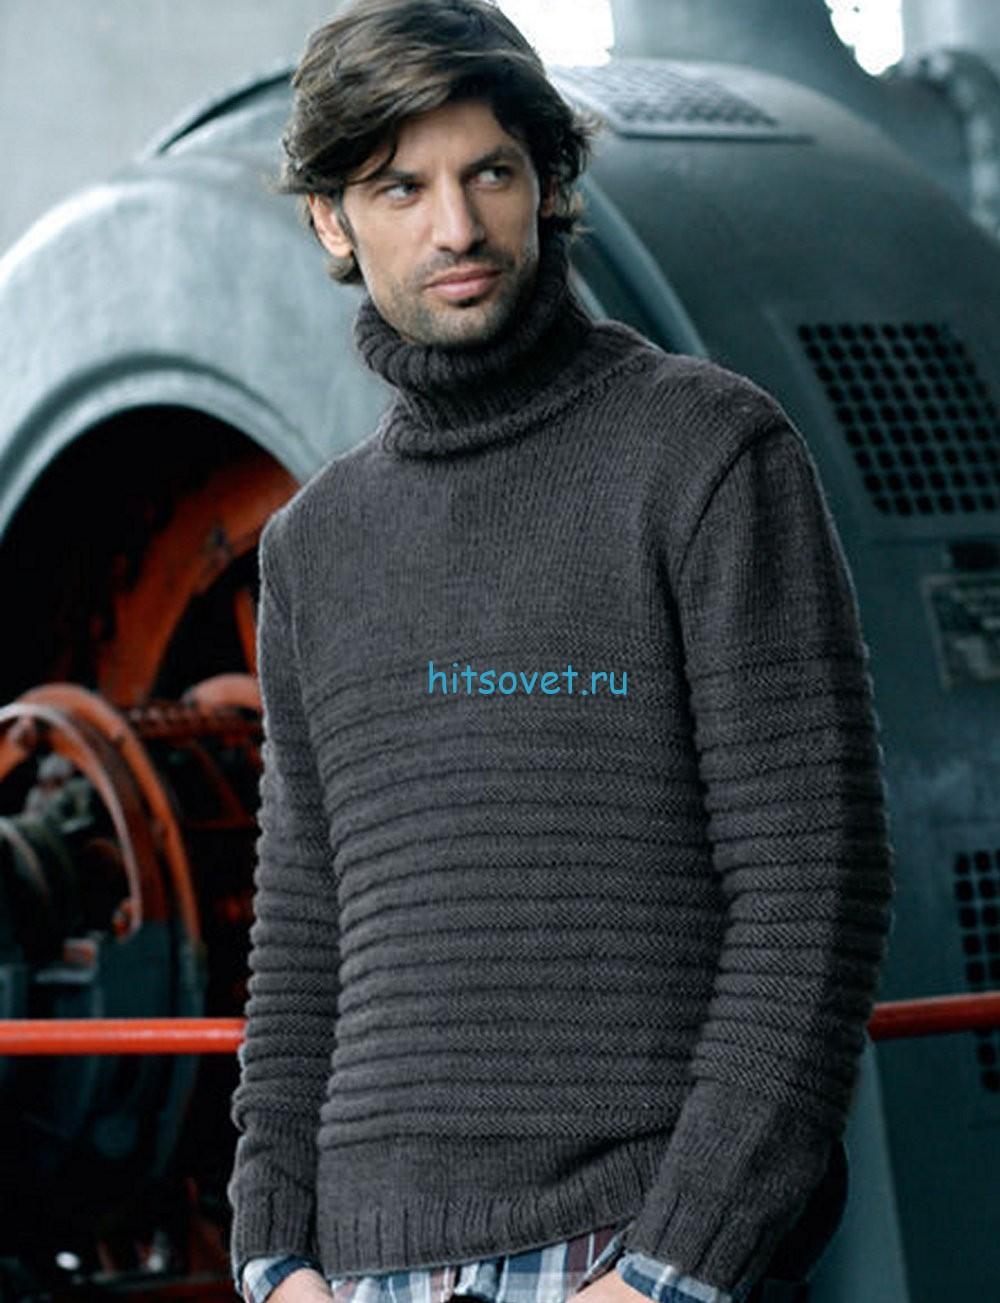 Мужской пуловер с узором в резинку